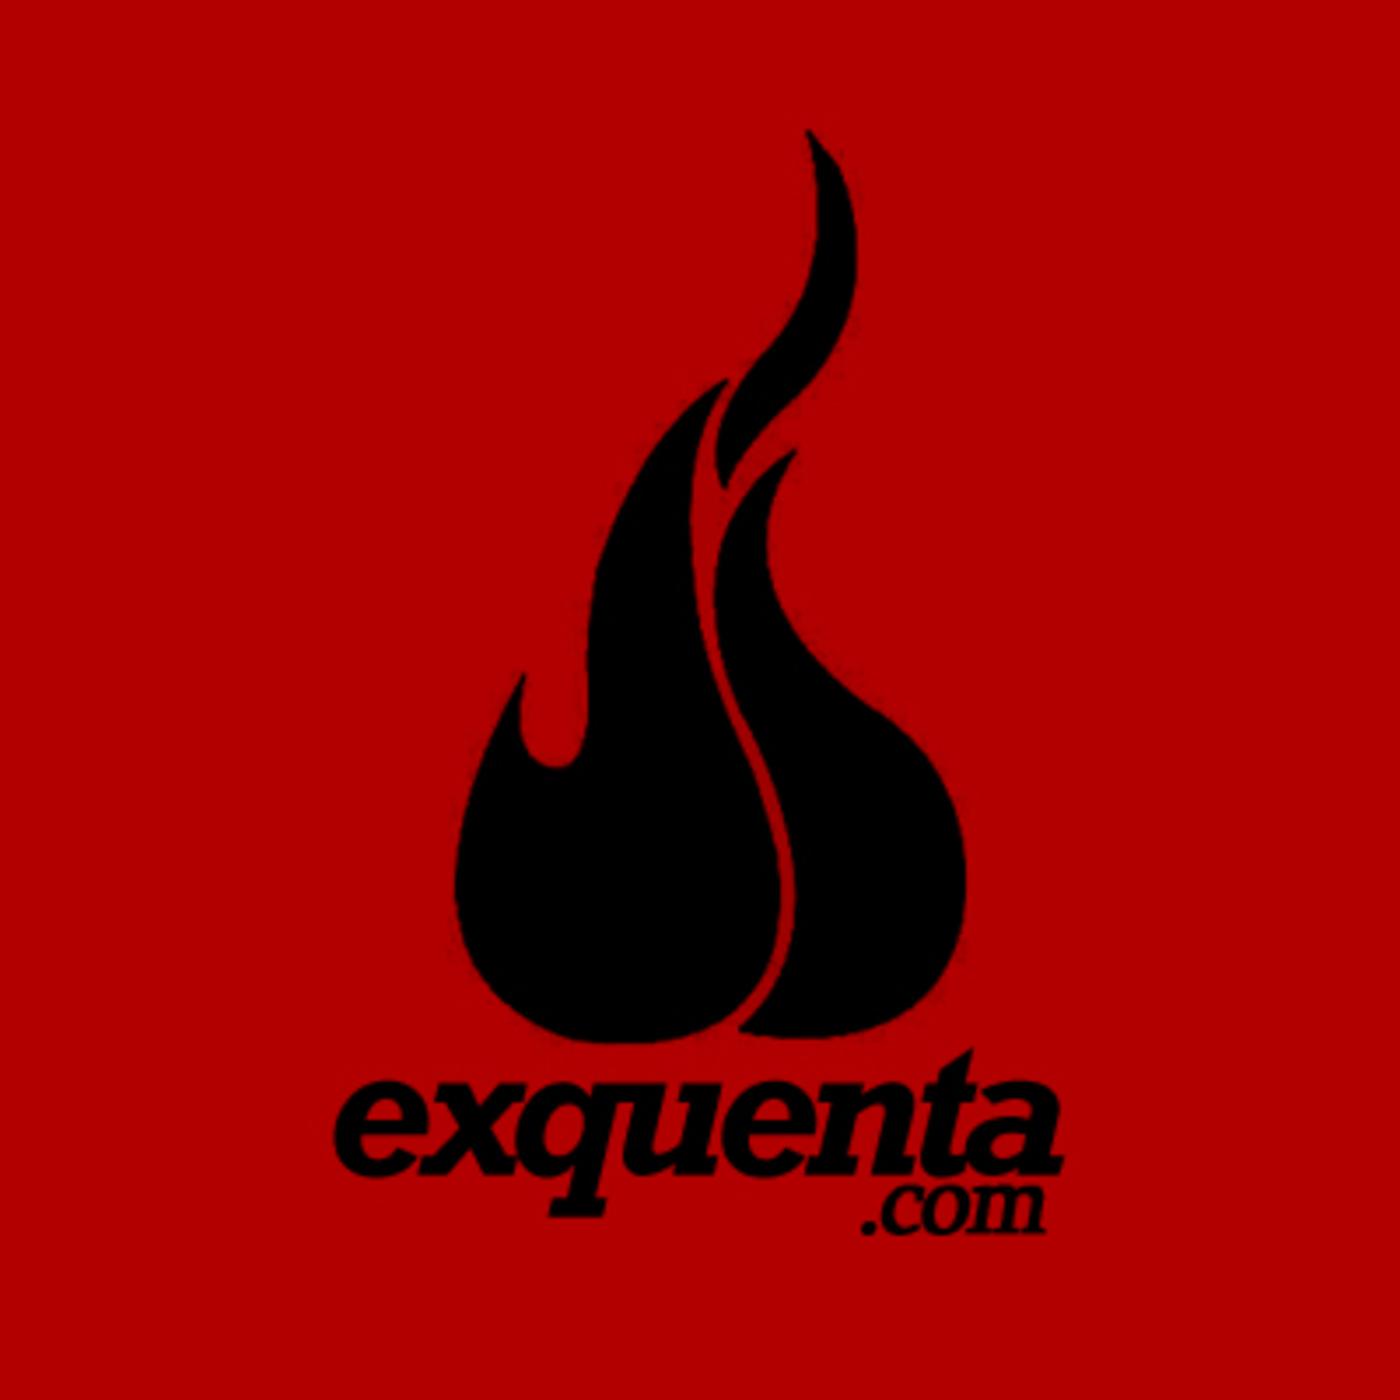 exquenta